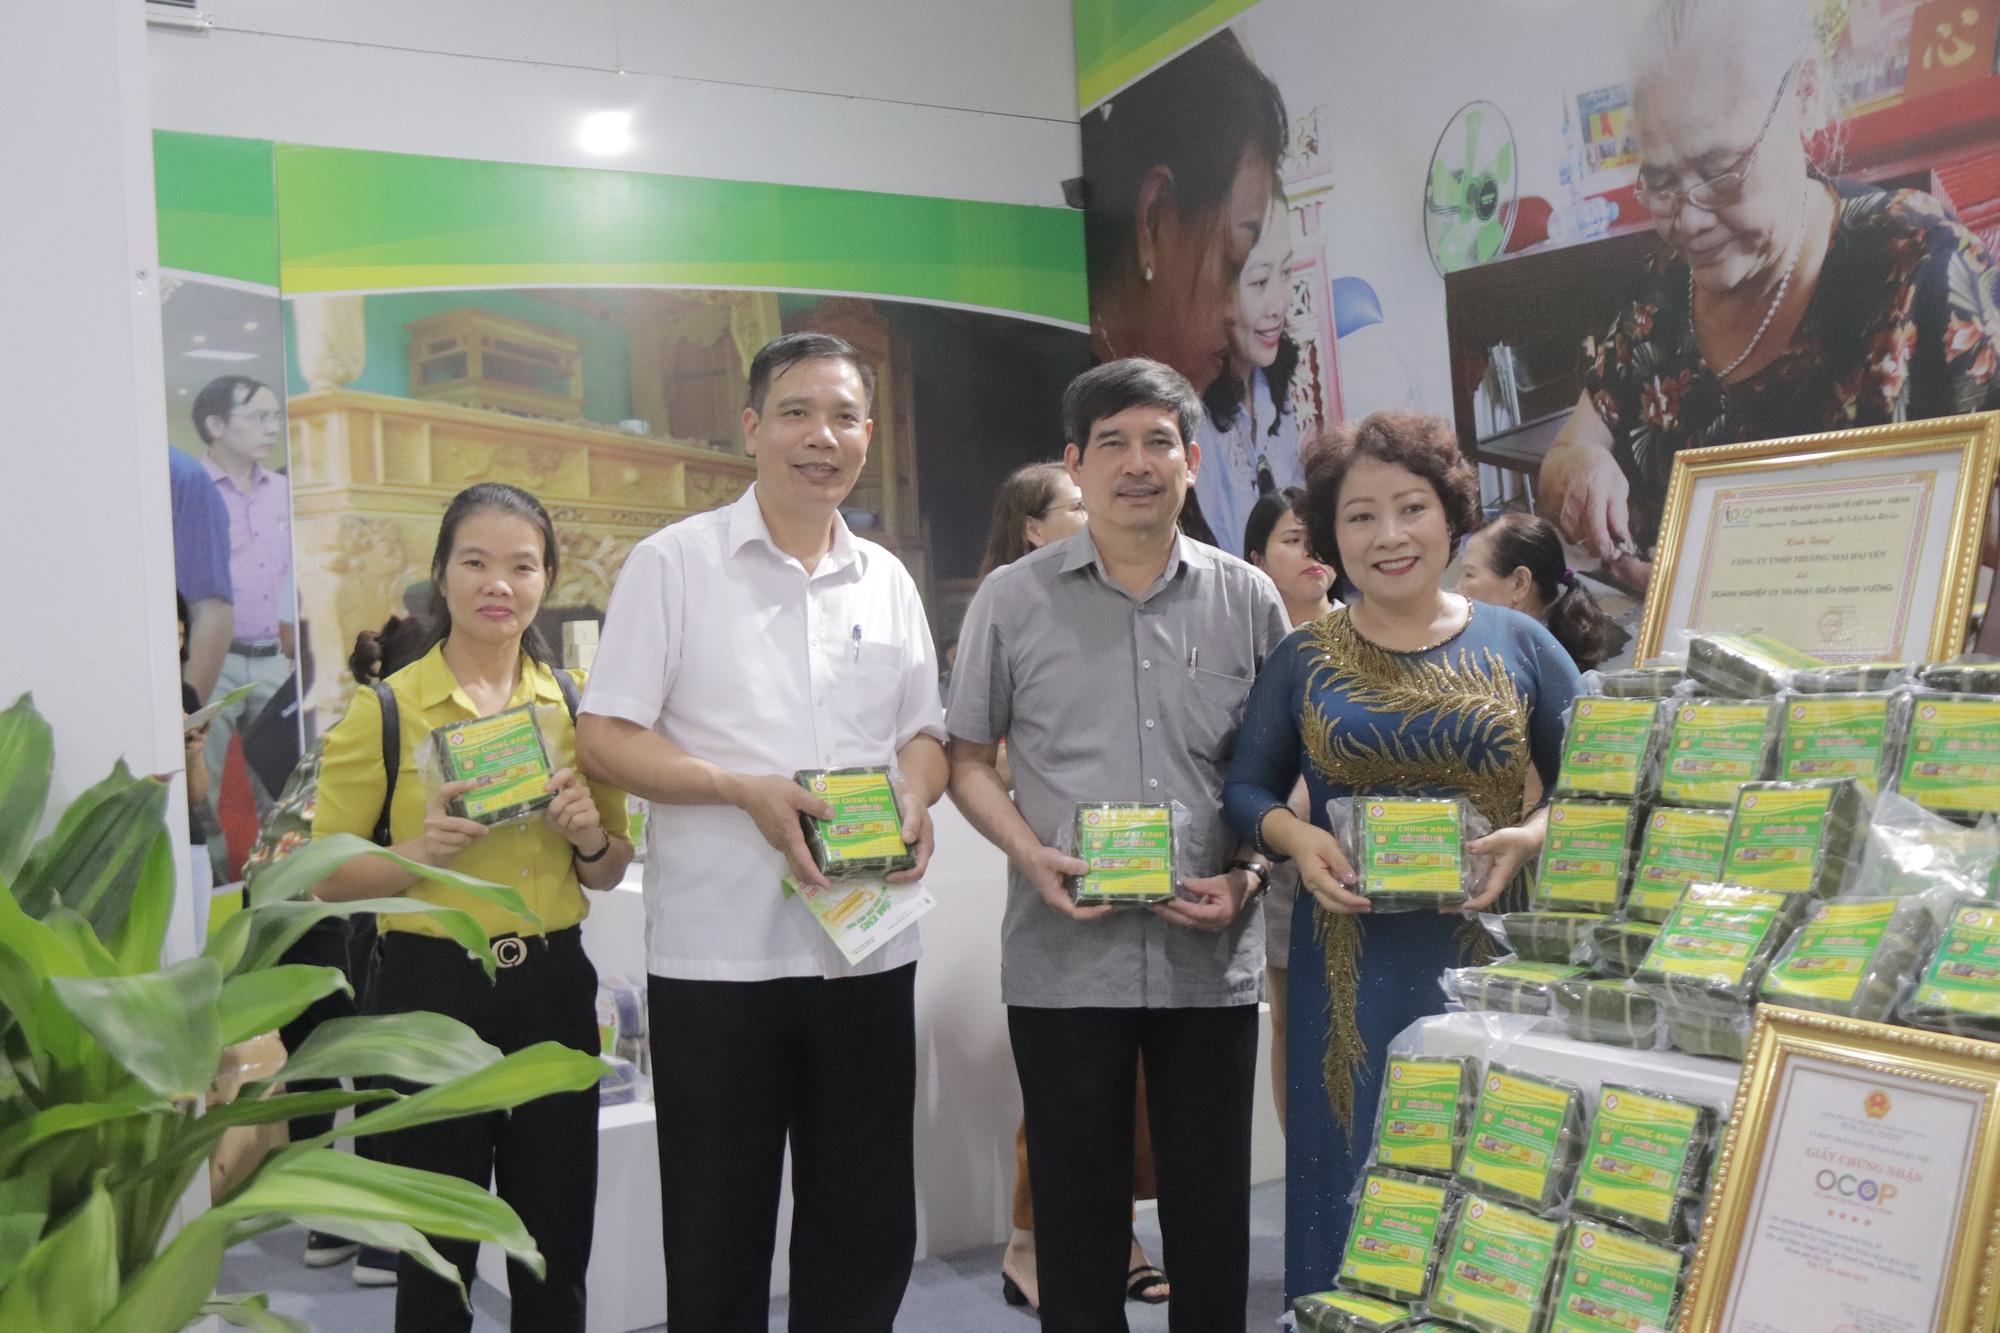 Hà Nội: Quyết định công nhận 301 sản phẩm đạt sao OCOP, cơ hội thúc đẩy tiêu thụ sản phẩm - Ảnh 3.